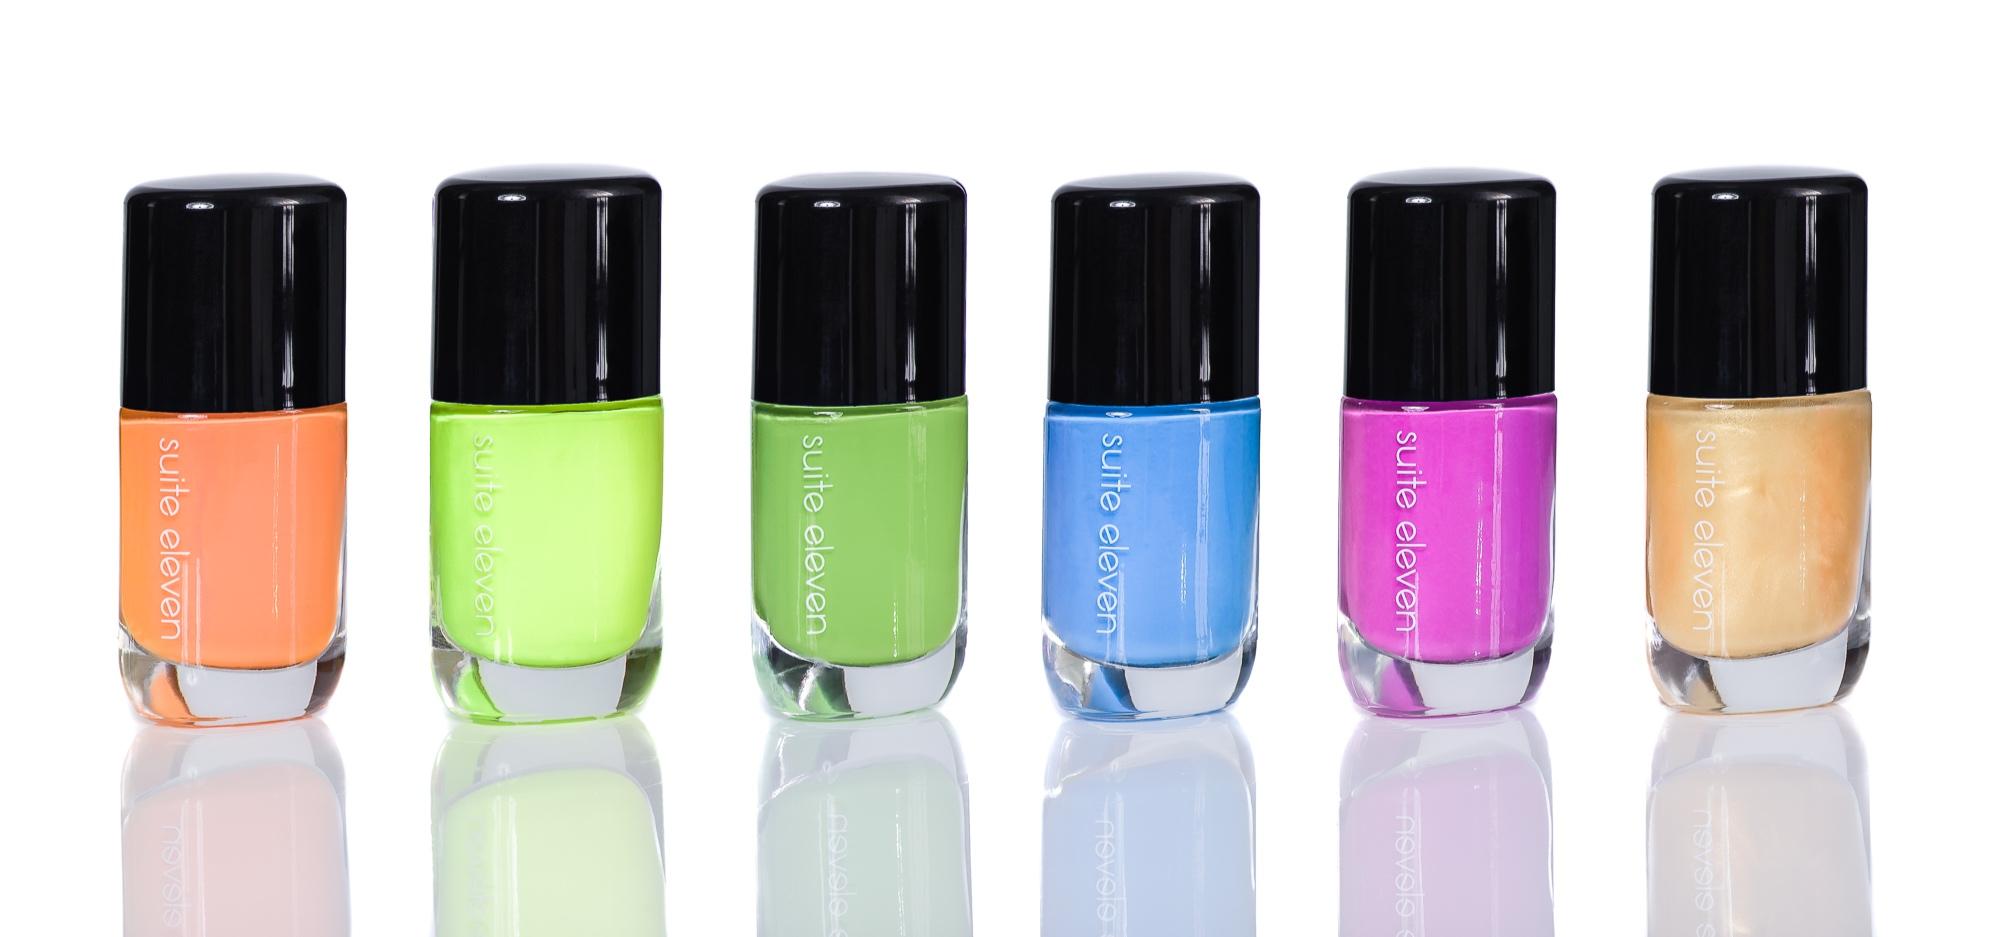 natrabella-skincare-nail-services.jpg